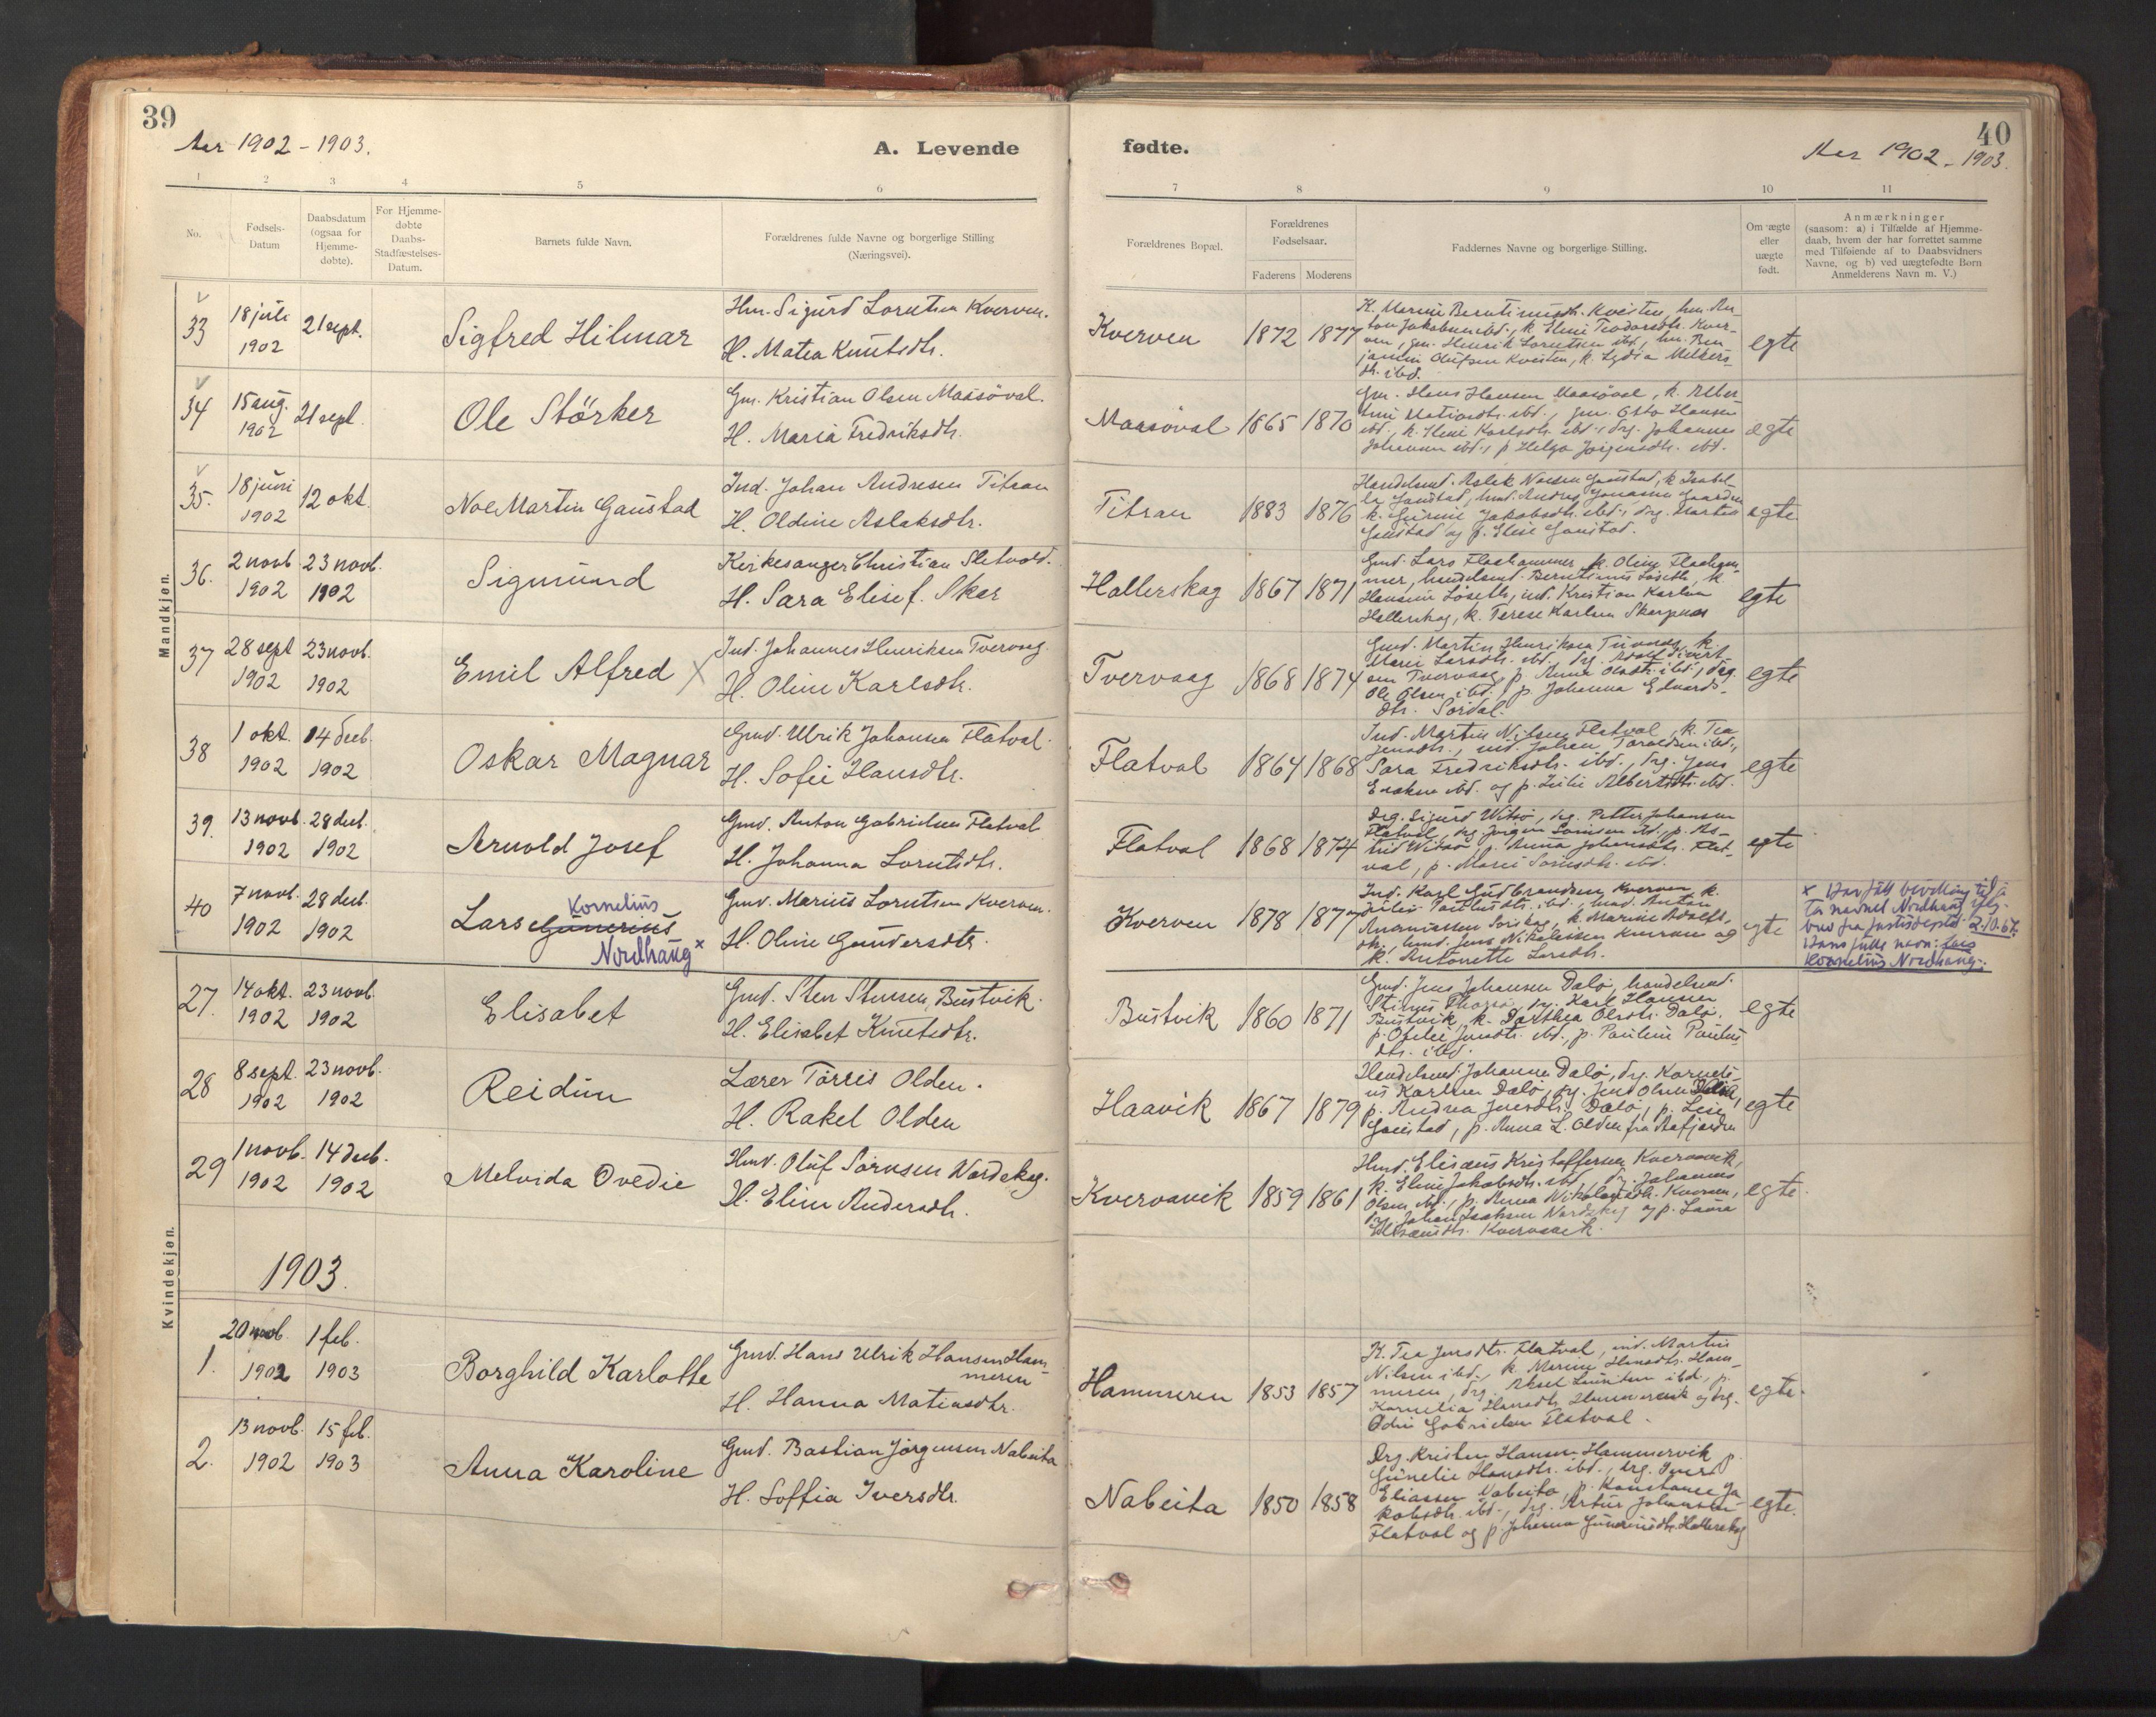 SAT, Ministerialprotokoller, klokkerbøker og fødselsregistre - Sør-Trøndelag, 641/L0596: Ministerialbok nr. 641A02, 1898-1915, s. 39-40